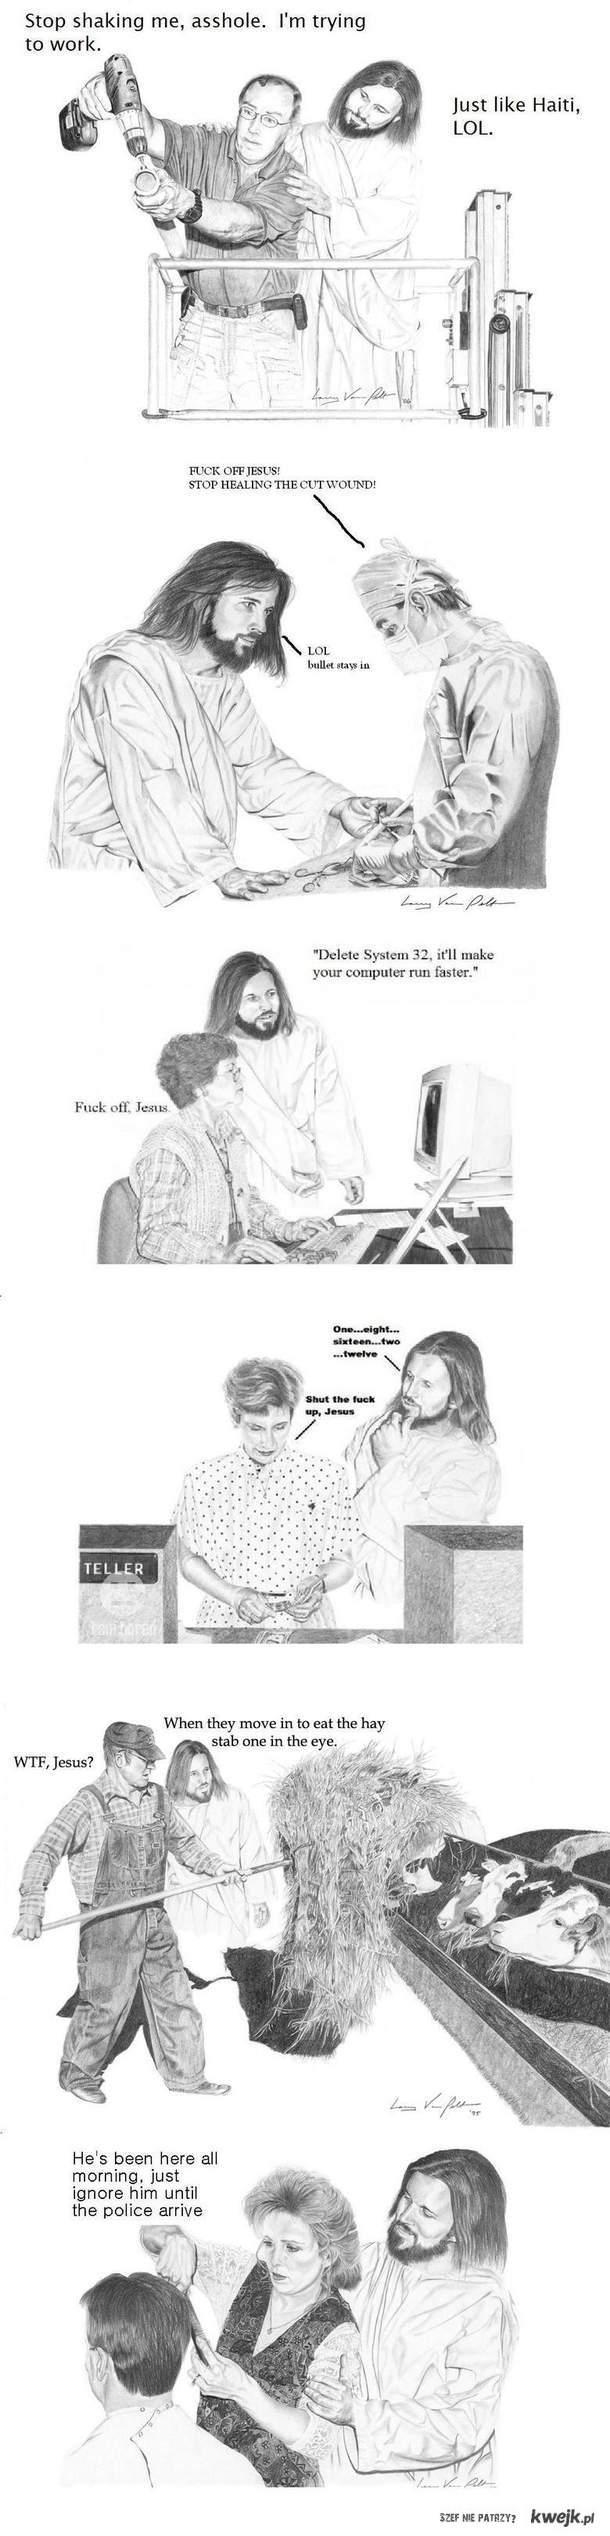 pomocny_Jezus